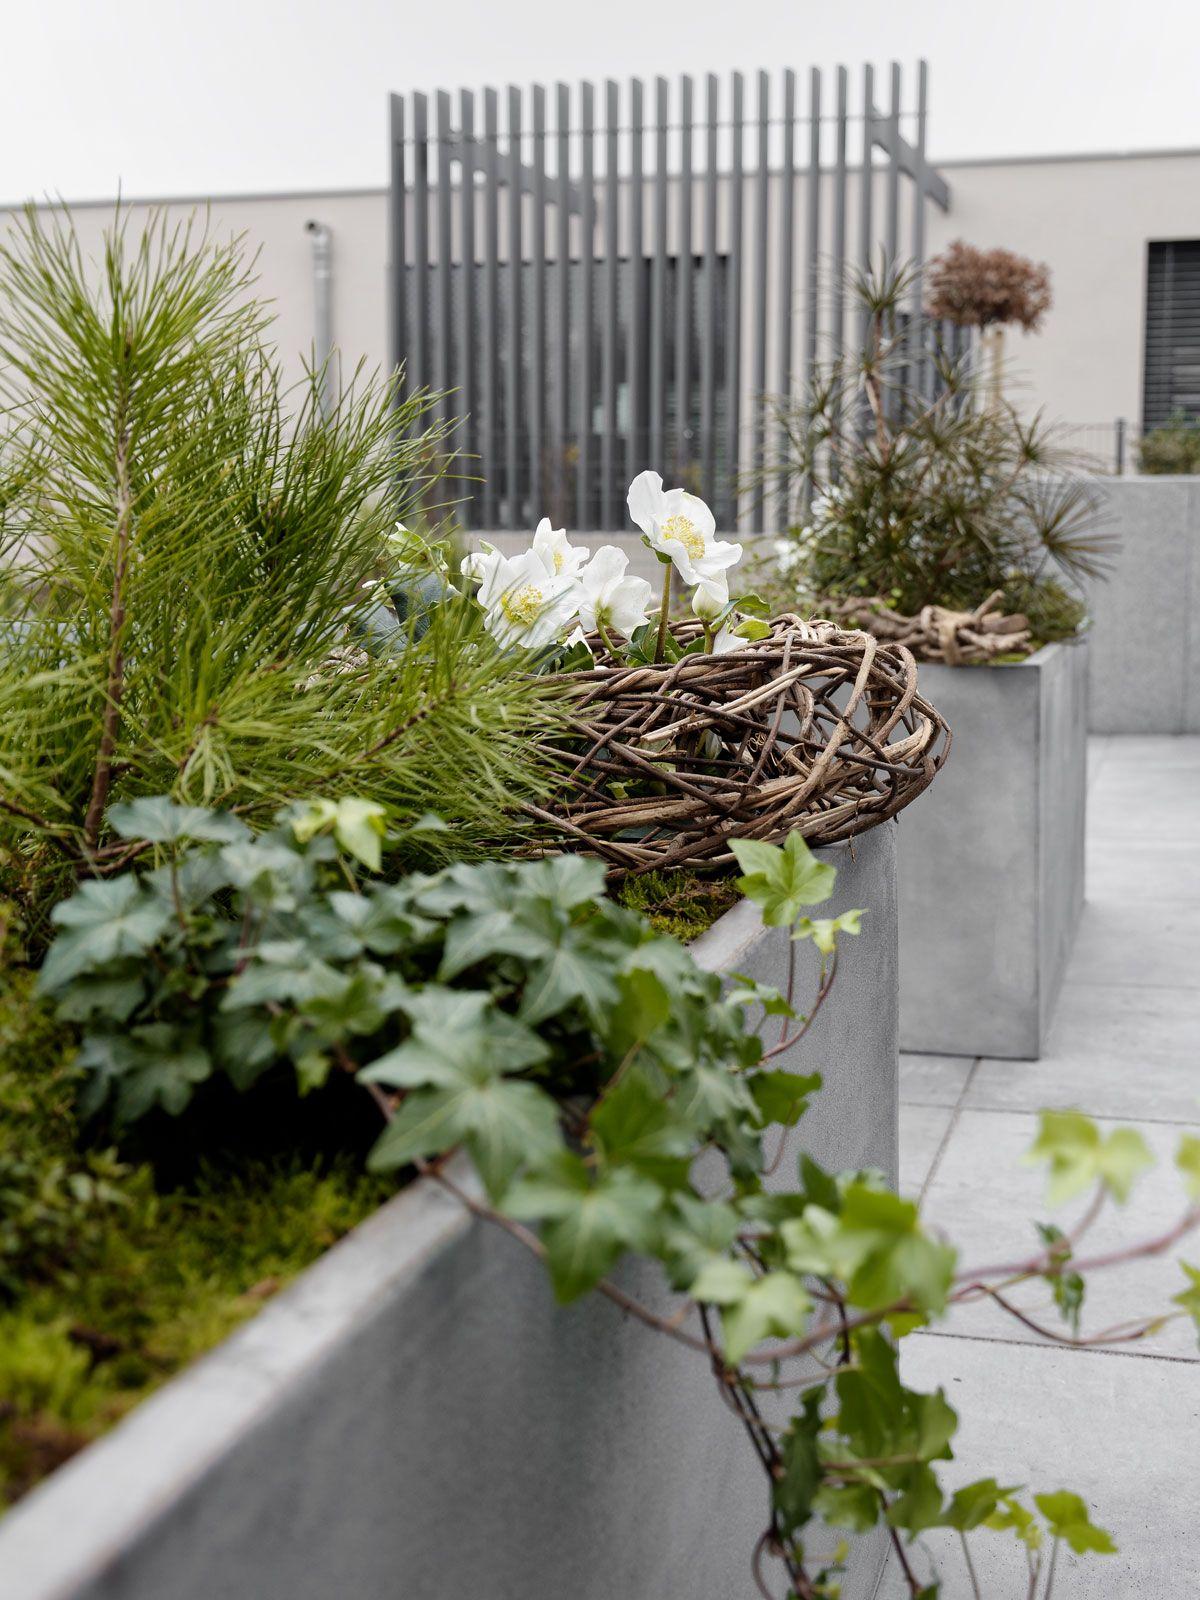 Pflanzk bel auf der terrasse mit dekoration helleborus for Dekoration garten